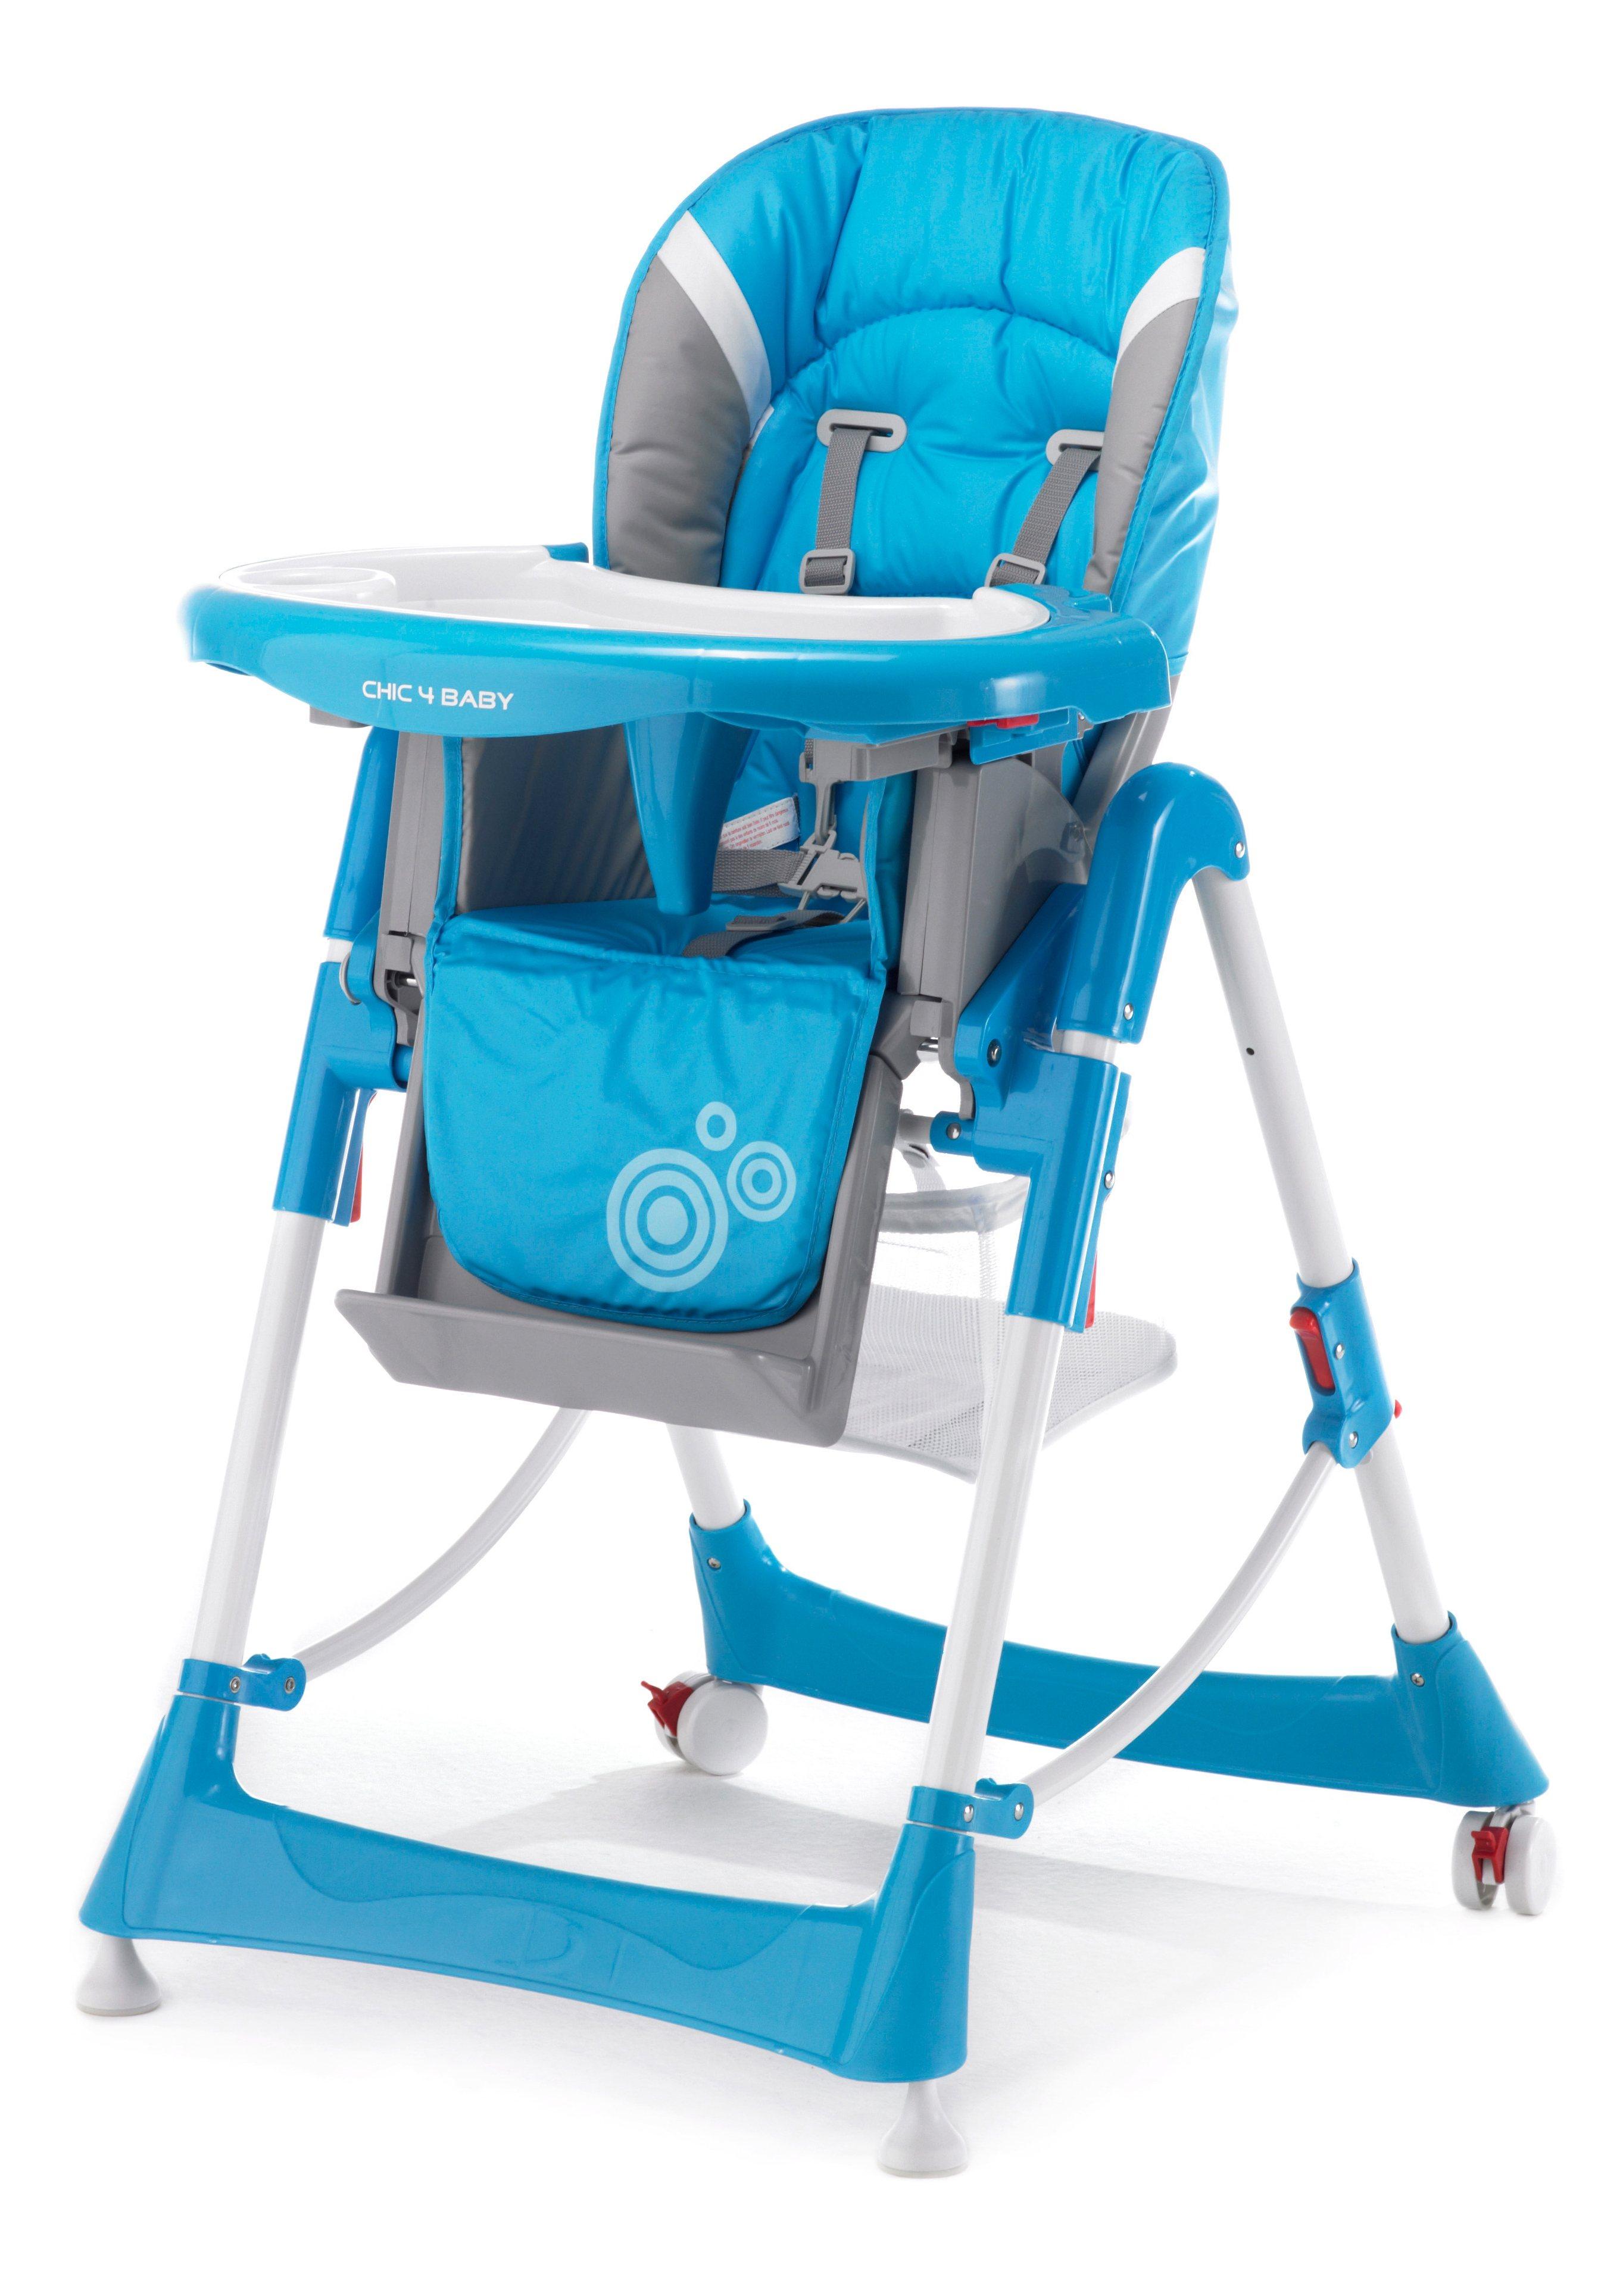 CHIC4BABY, Hochstuhl mit verstellbarer Sitzposition, türkis   Kinderzimmer > Kinderzimmerstühle > Hochstühle   CHIC4BABY